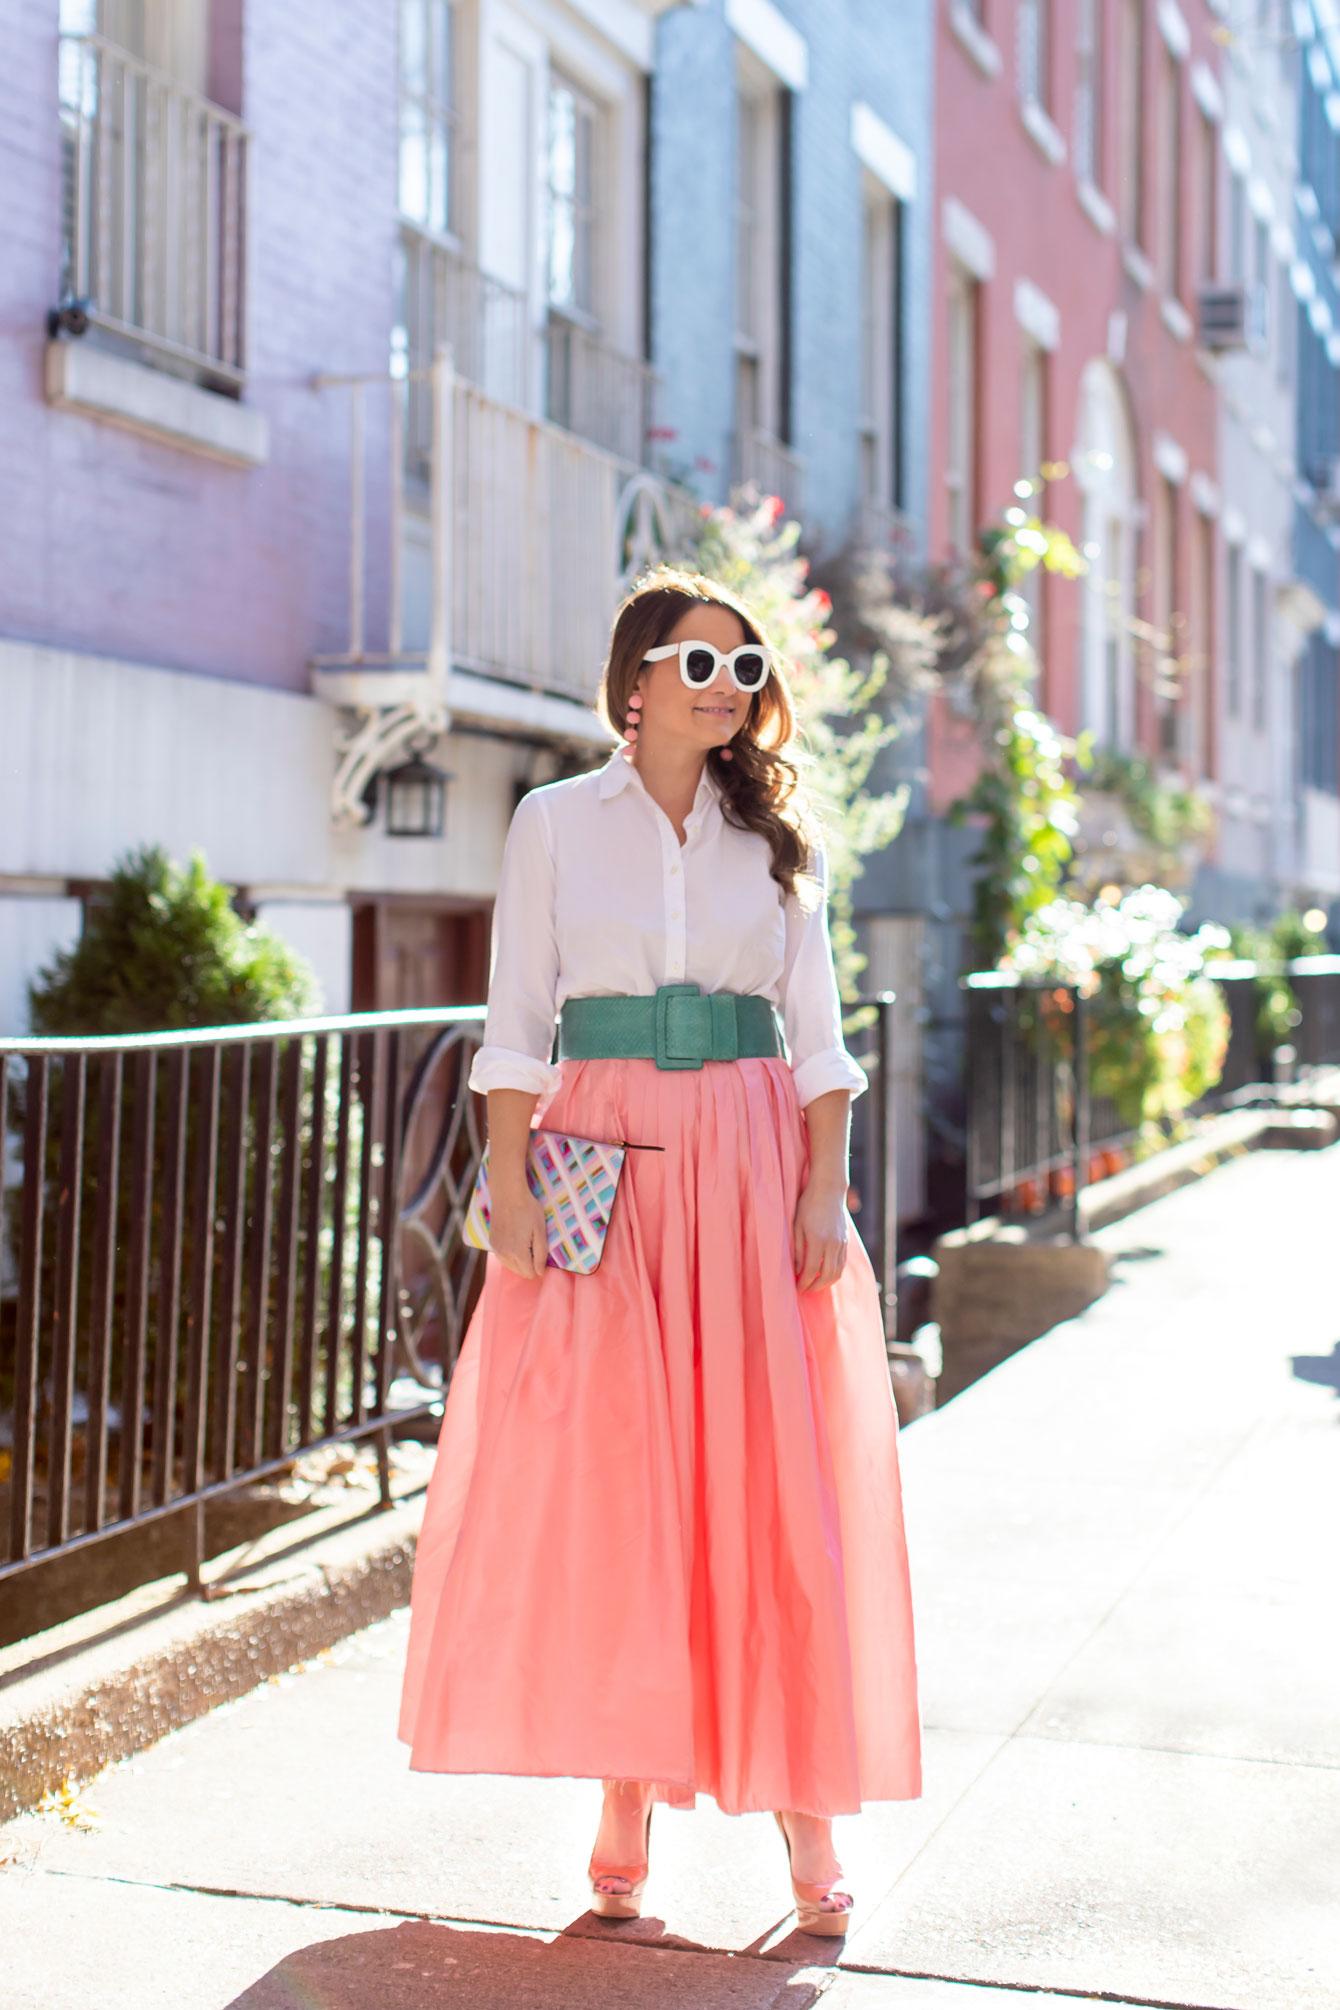 Jennifer Lake Carolina Herrera Pink Ball Skirt